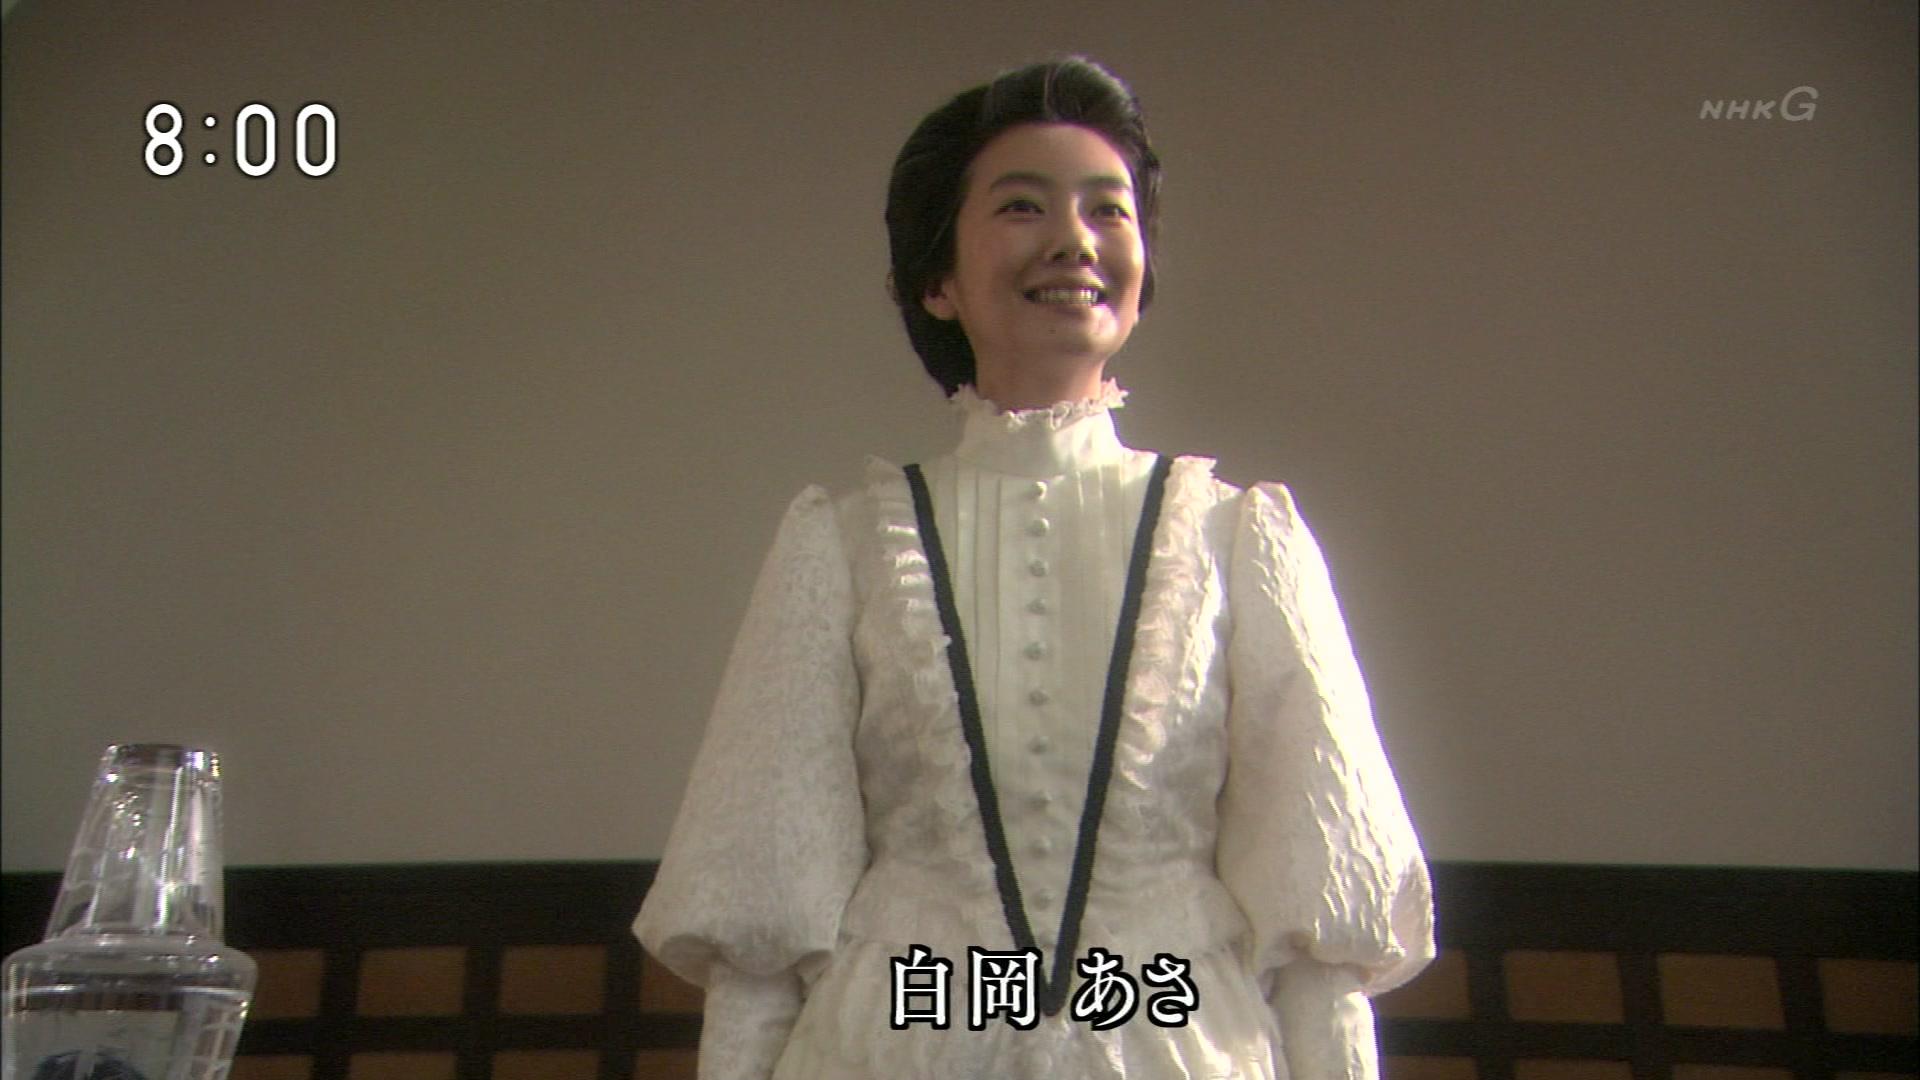 2015-09-28 08:00 連続テレビ小説 あさが来た(1)「小さな許嫁(いいなずけ)」 02049